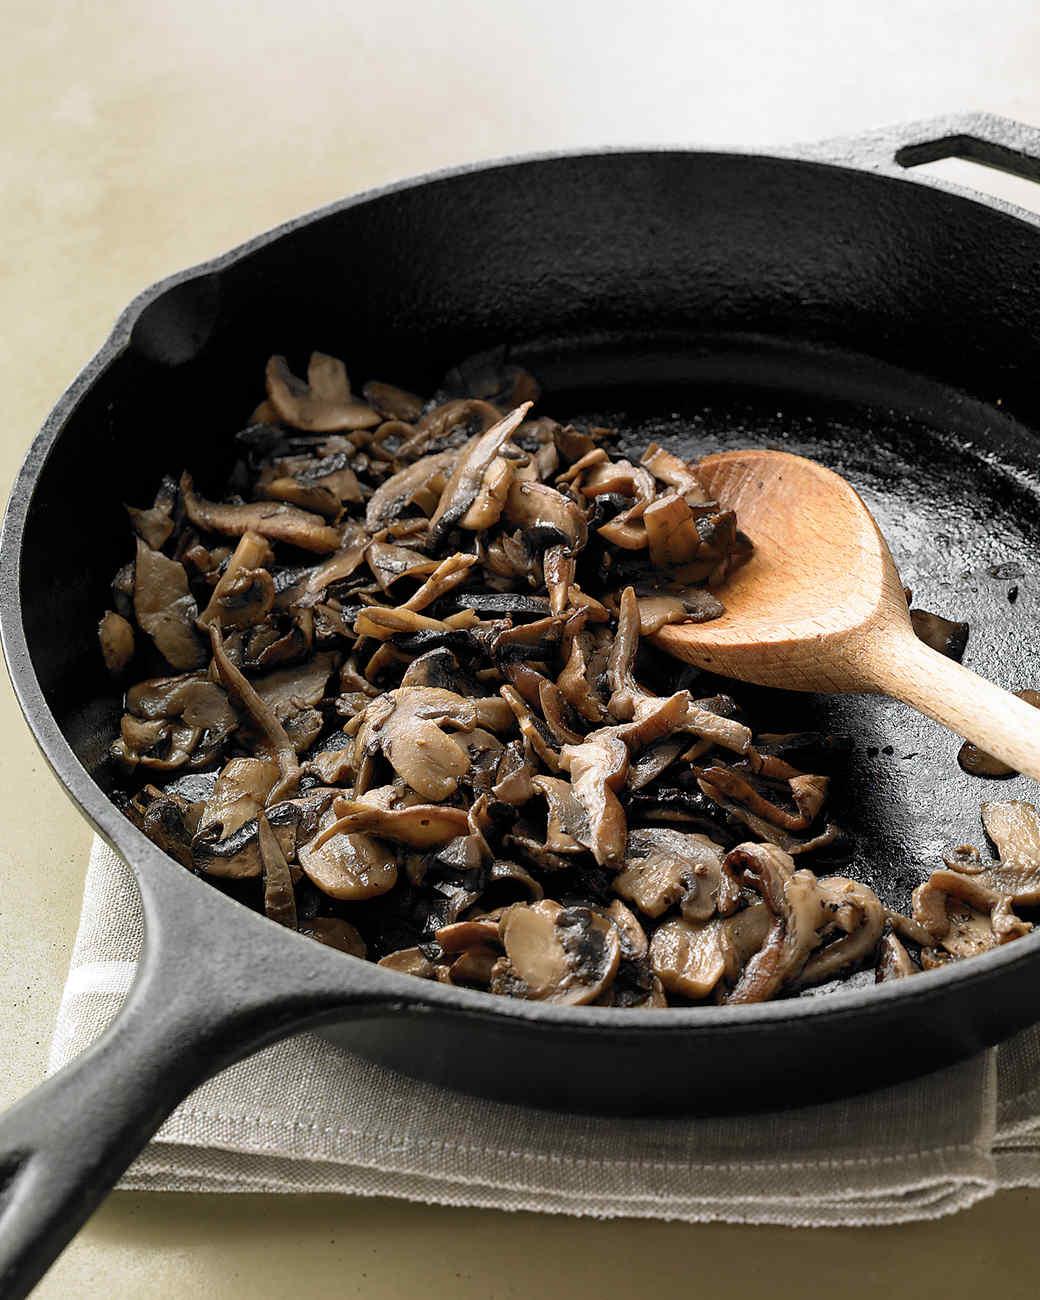 Sauteed Mixed Mushrooms